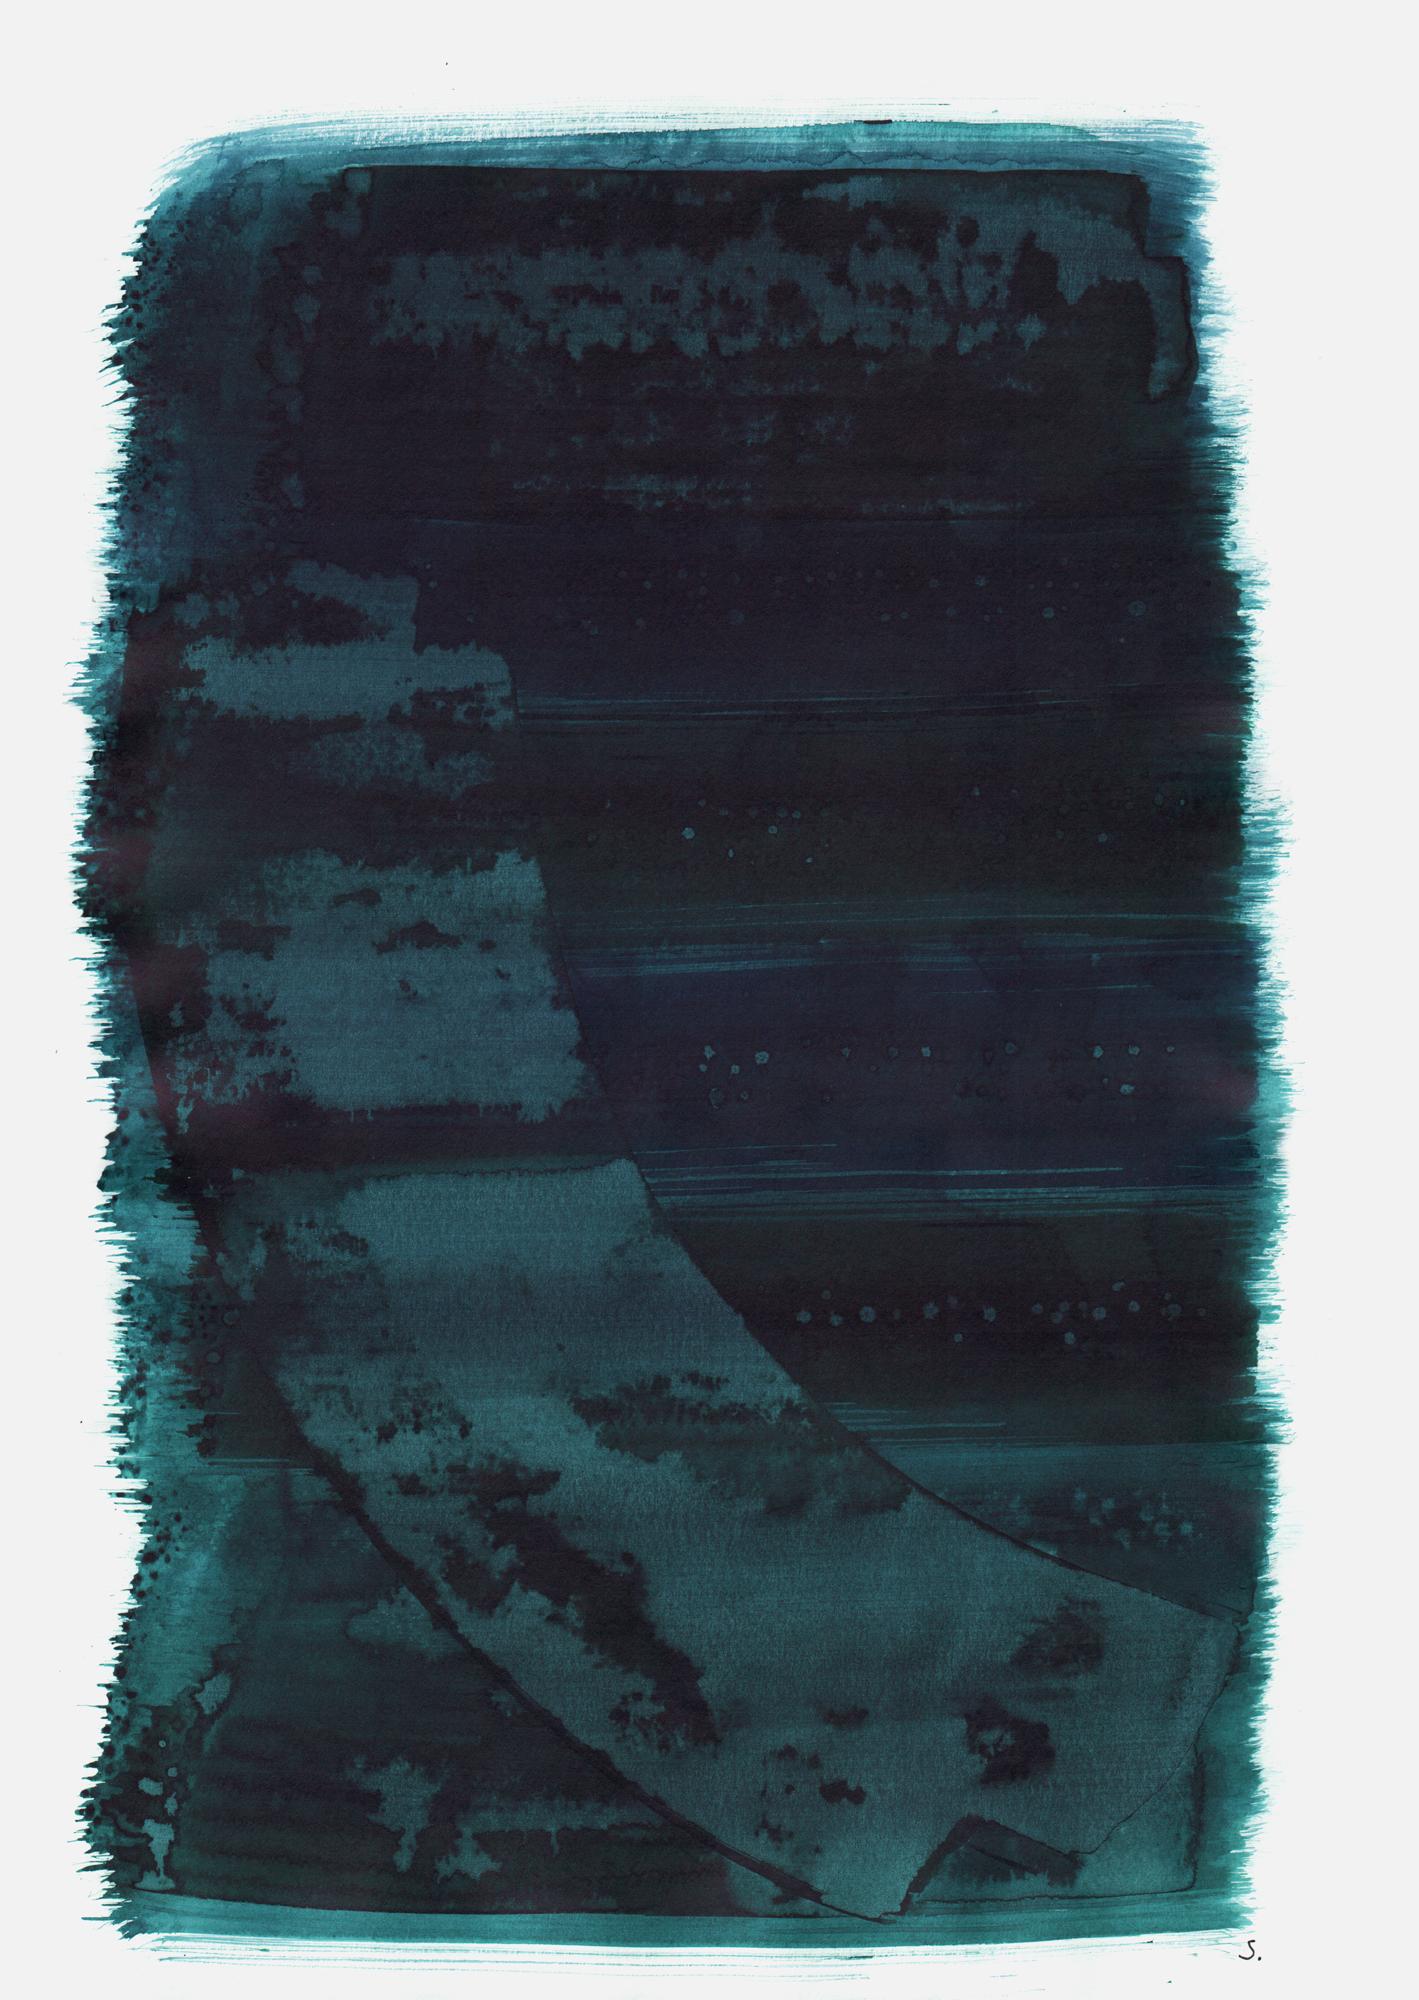 """""""An Ruben Einstein"""", 2019, Tusche auf Papier, 48 x 36cm; ©: Konstanze Sailer [Einstein, Ruben; * 28.06.1939 in Mannheim; deportiert aus München; † nach dem 13.03.1943 in Auschwitz]"""